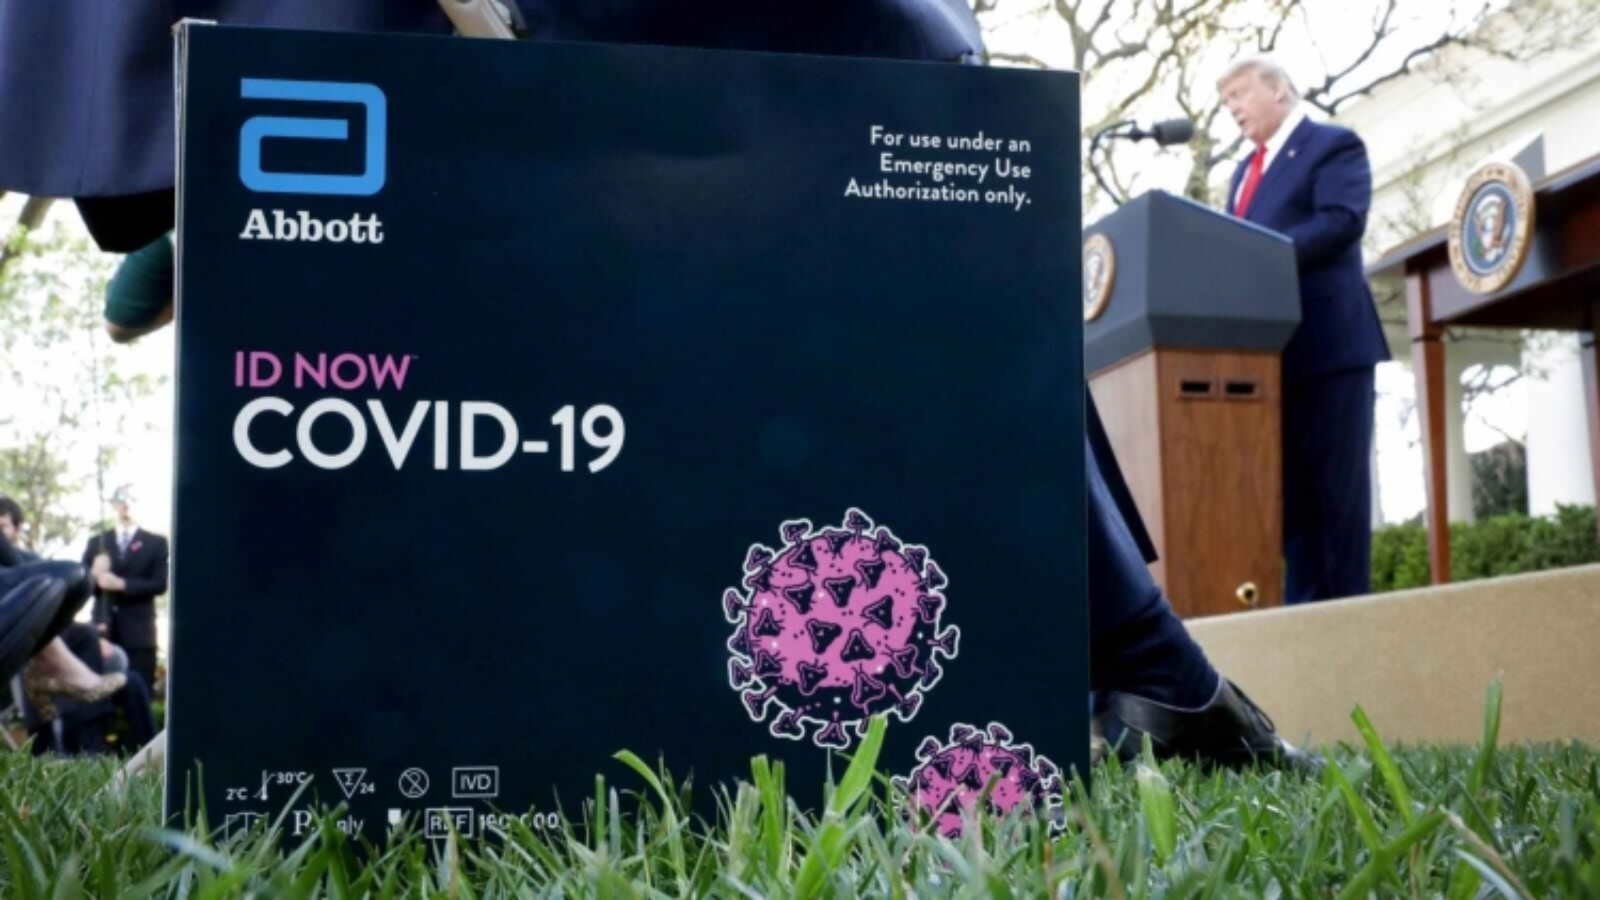 Hãng Abbott được cấp phép sử dụng khẩn cấp thêm một loại xét nghiệm kháng thể Covid-19